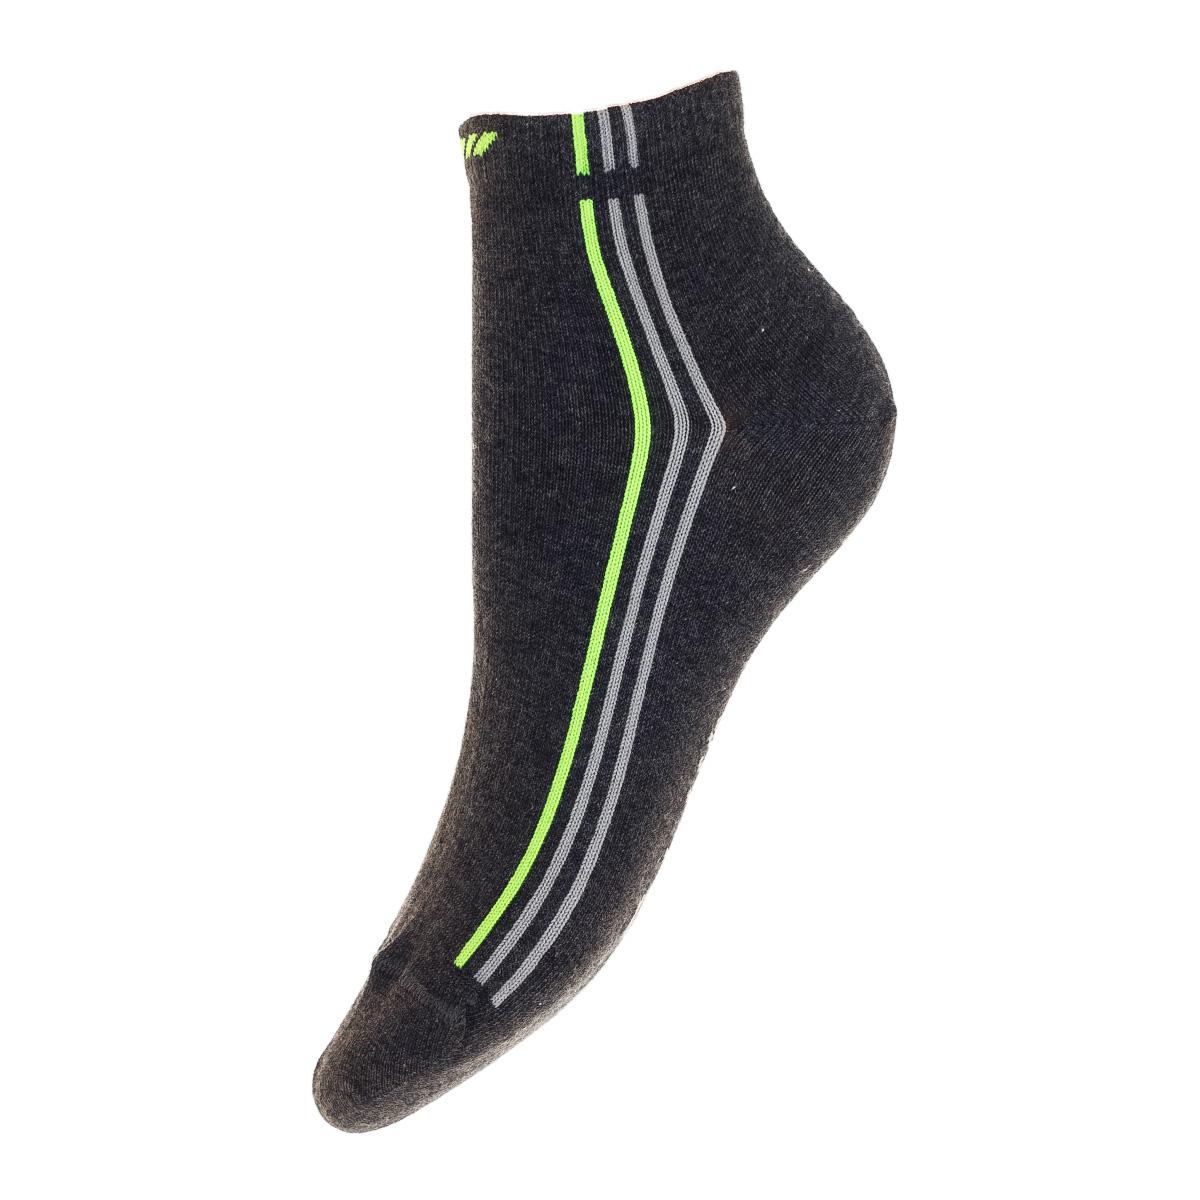 13651-238Удобные носочки для мальчика Conte-Kids Active, изготовленные из высококачественного комбинированного материала, очень мягкие и приятные на ощупь, позволяют коже дышать. Модель оформлена эластичной резинкой в паголенке, которая плотно облегает ногу, обеспечивая комфорт и удобство.